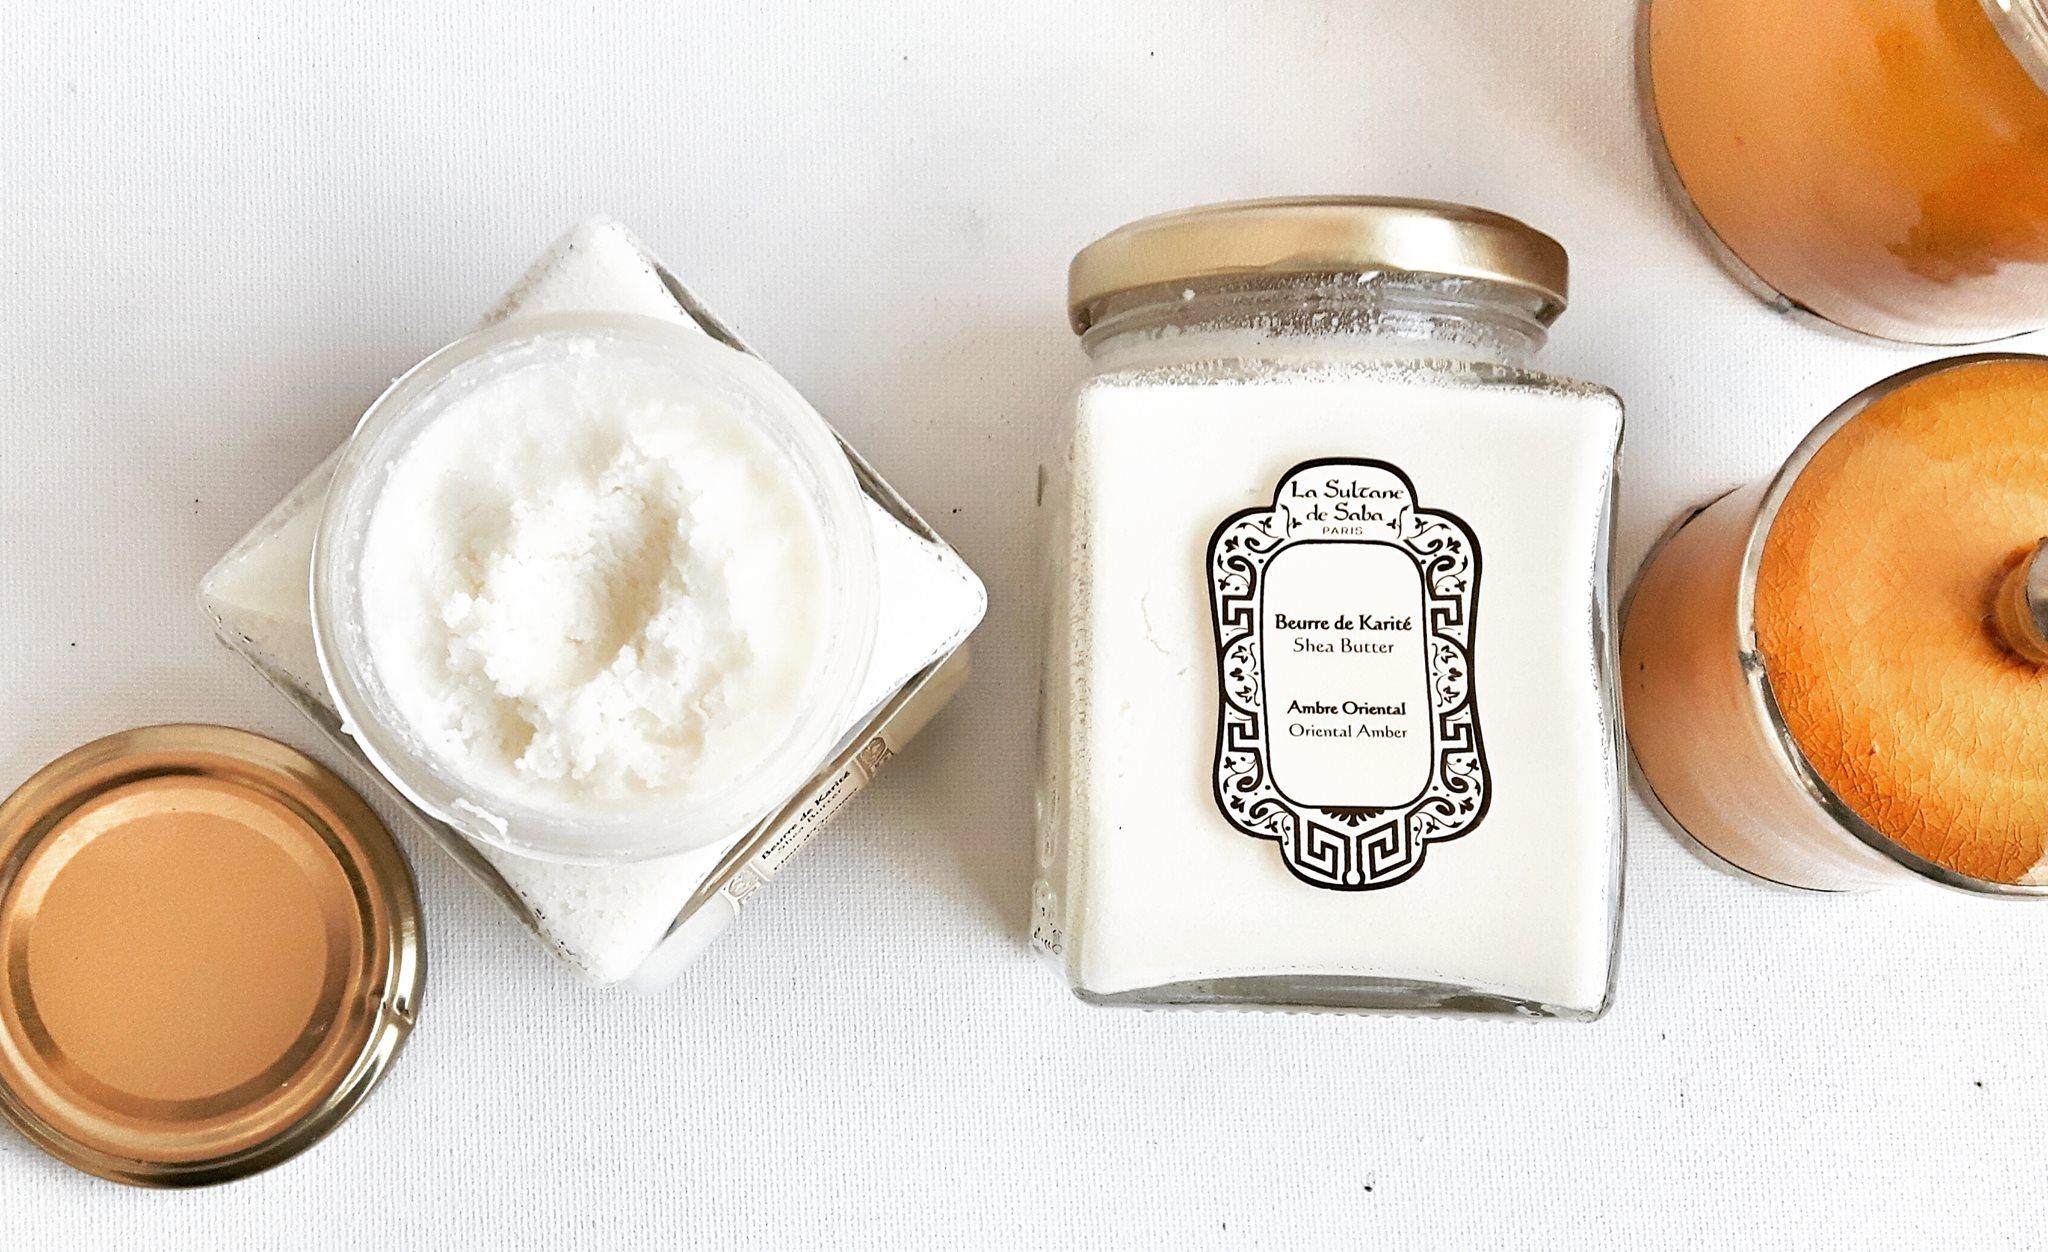 Beurres de Karité Fleur d'Oranger et Ambre Oriental La Sultane de Saba - Texture